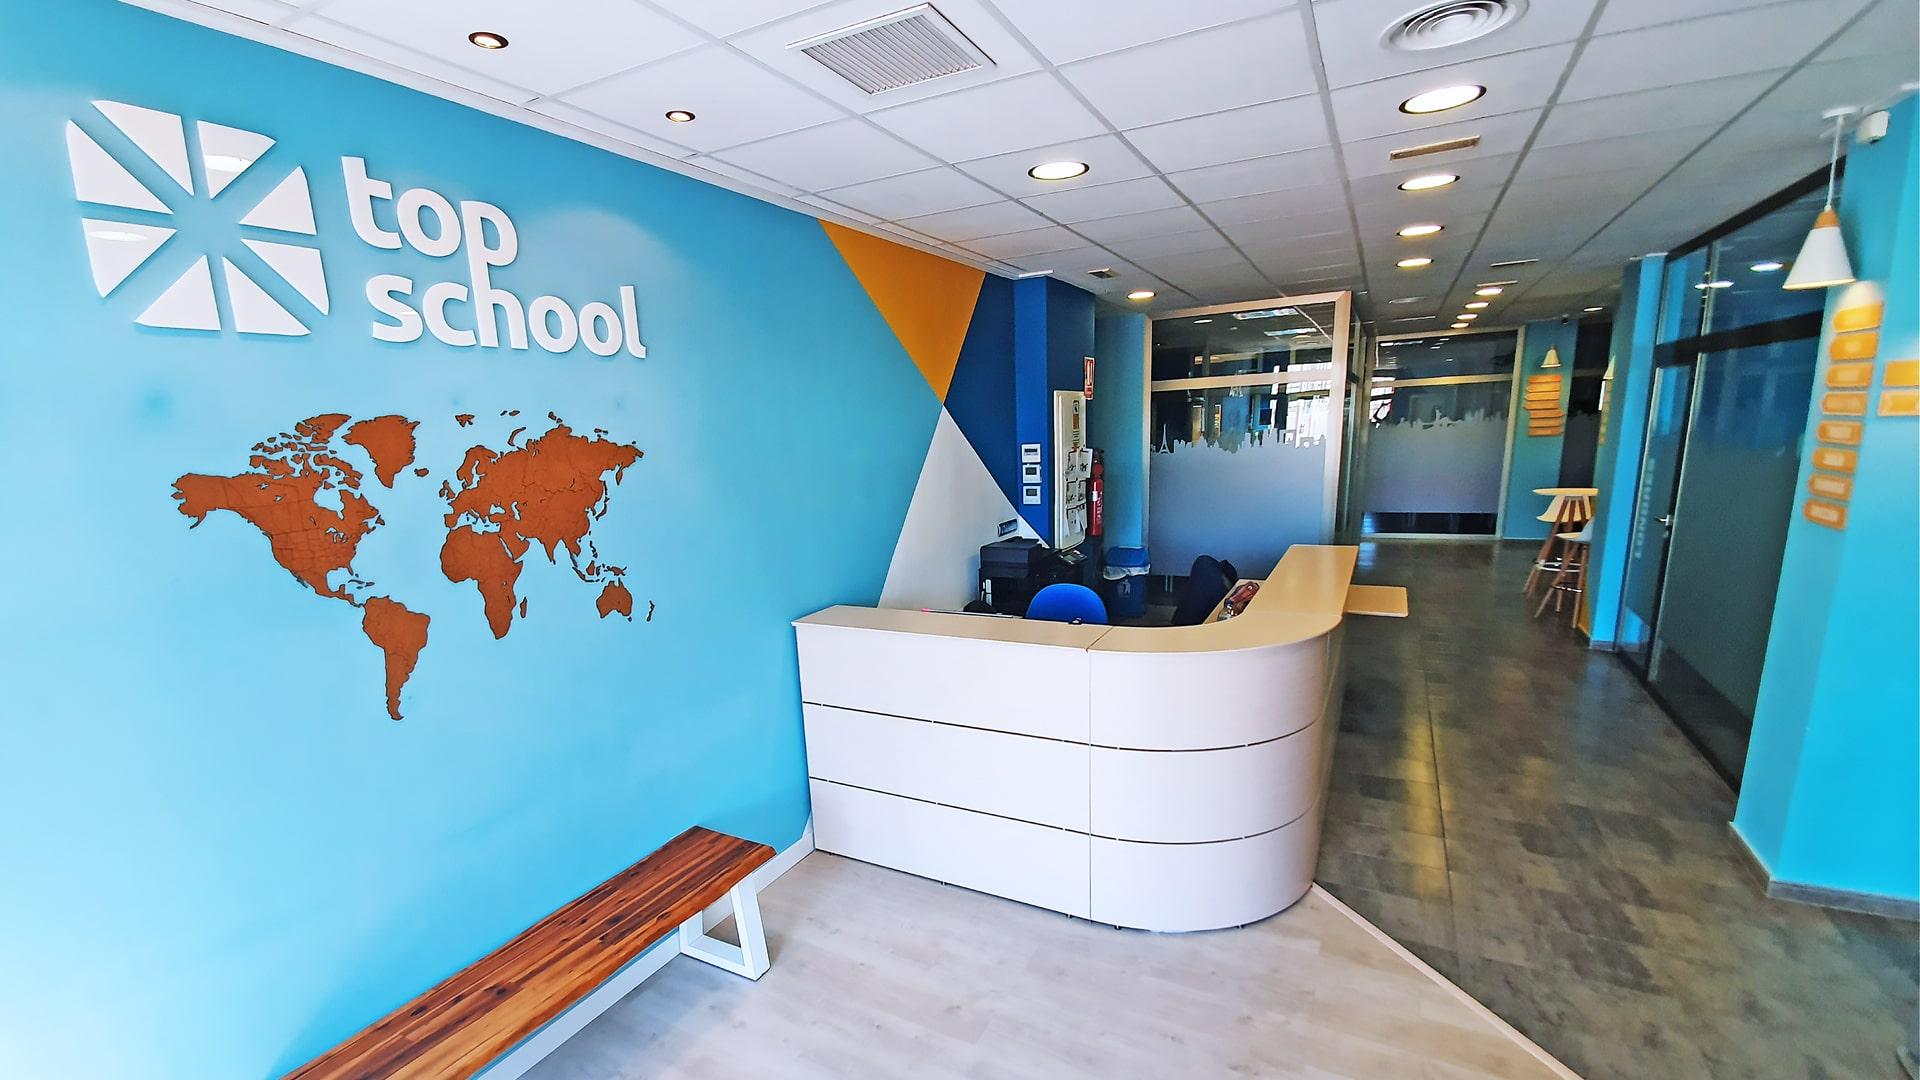 Academia de inglés en Elche Top School